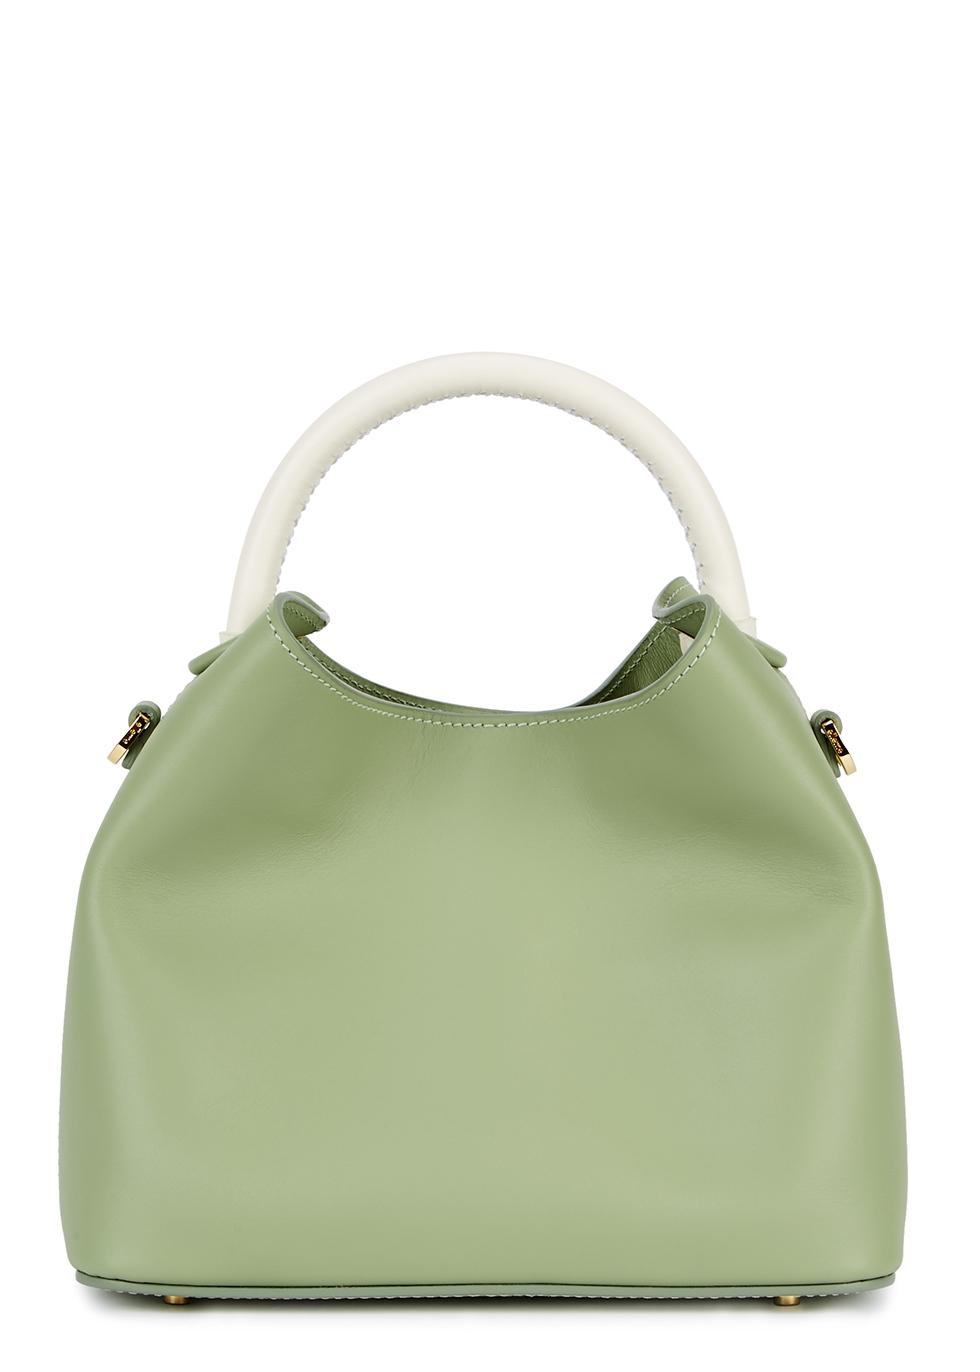 ELLEME Baozi Mint Green Leather Shoulder Bag